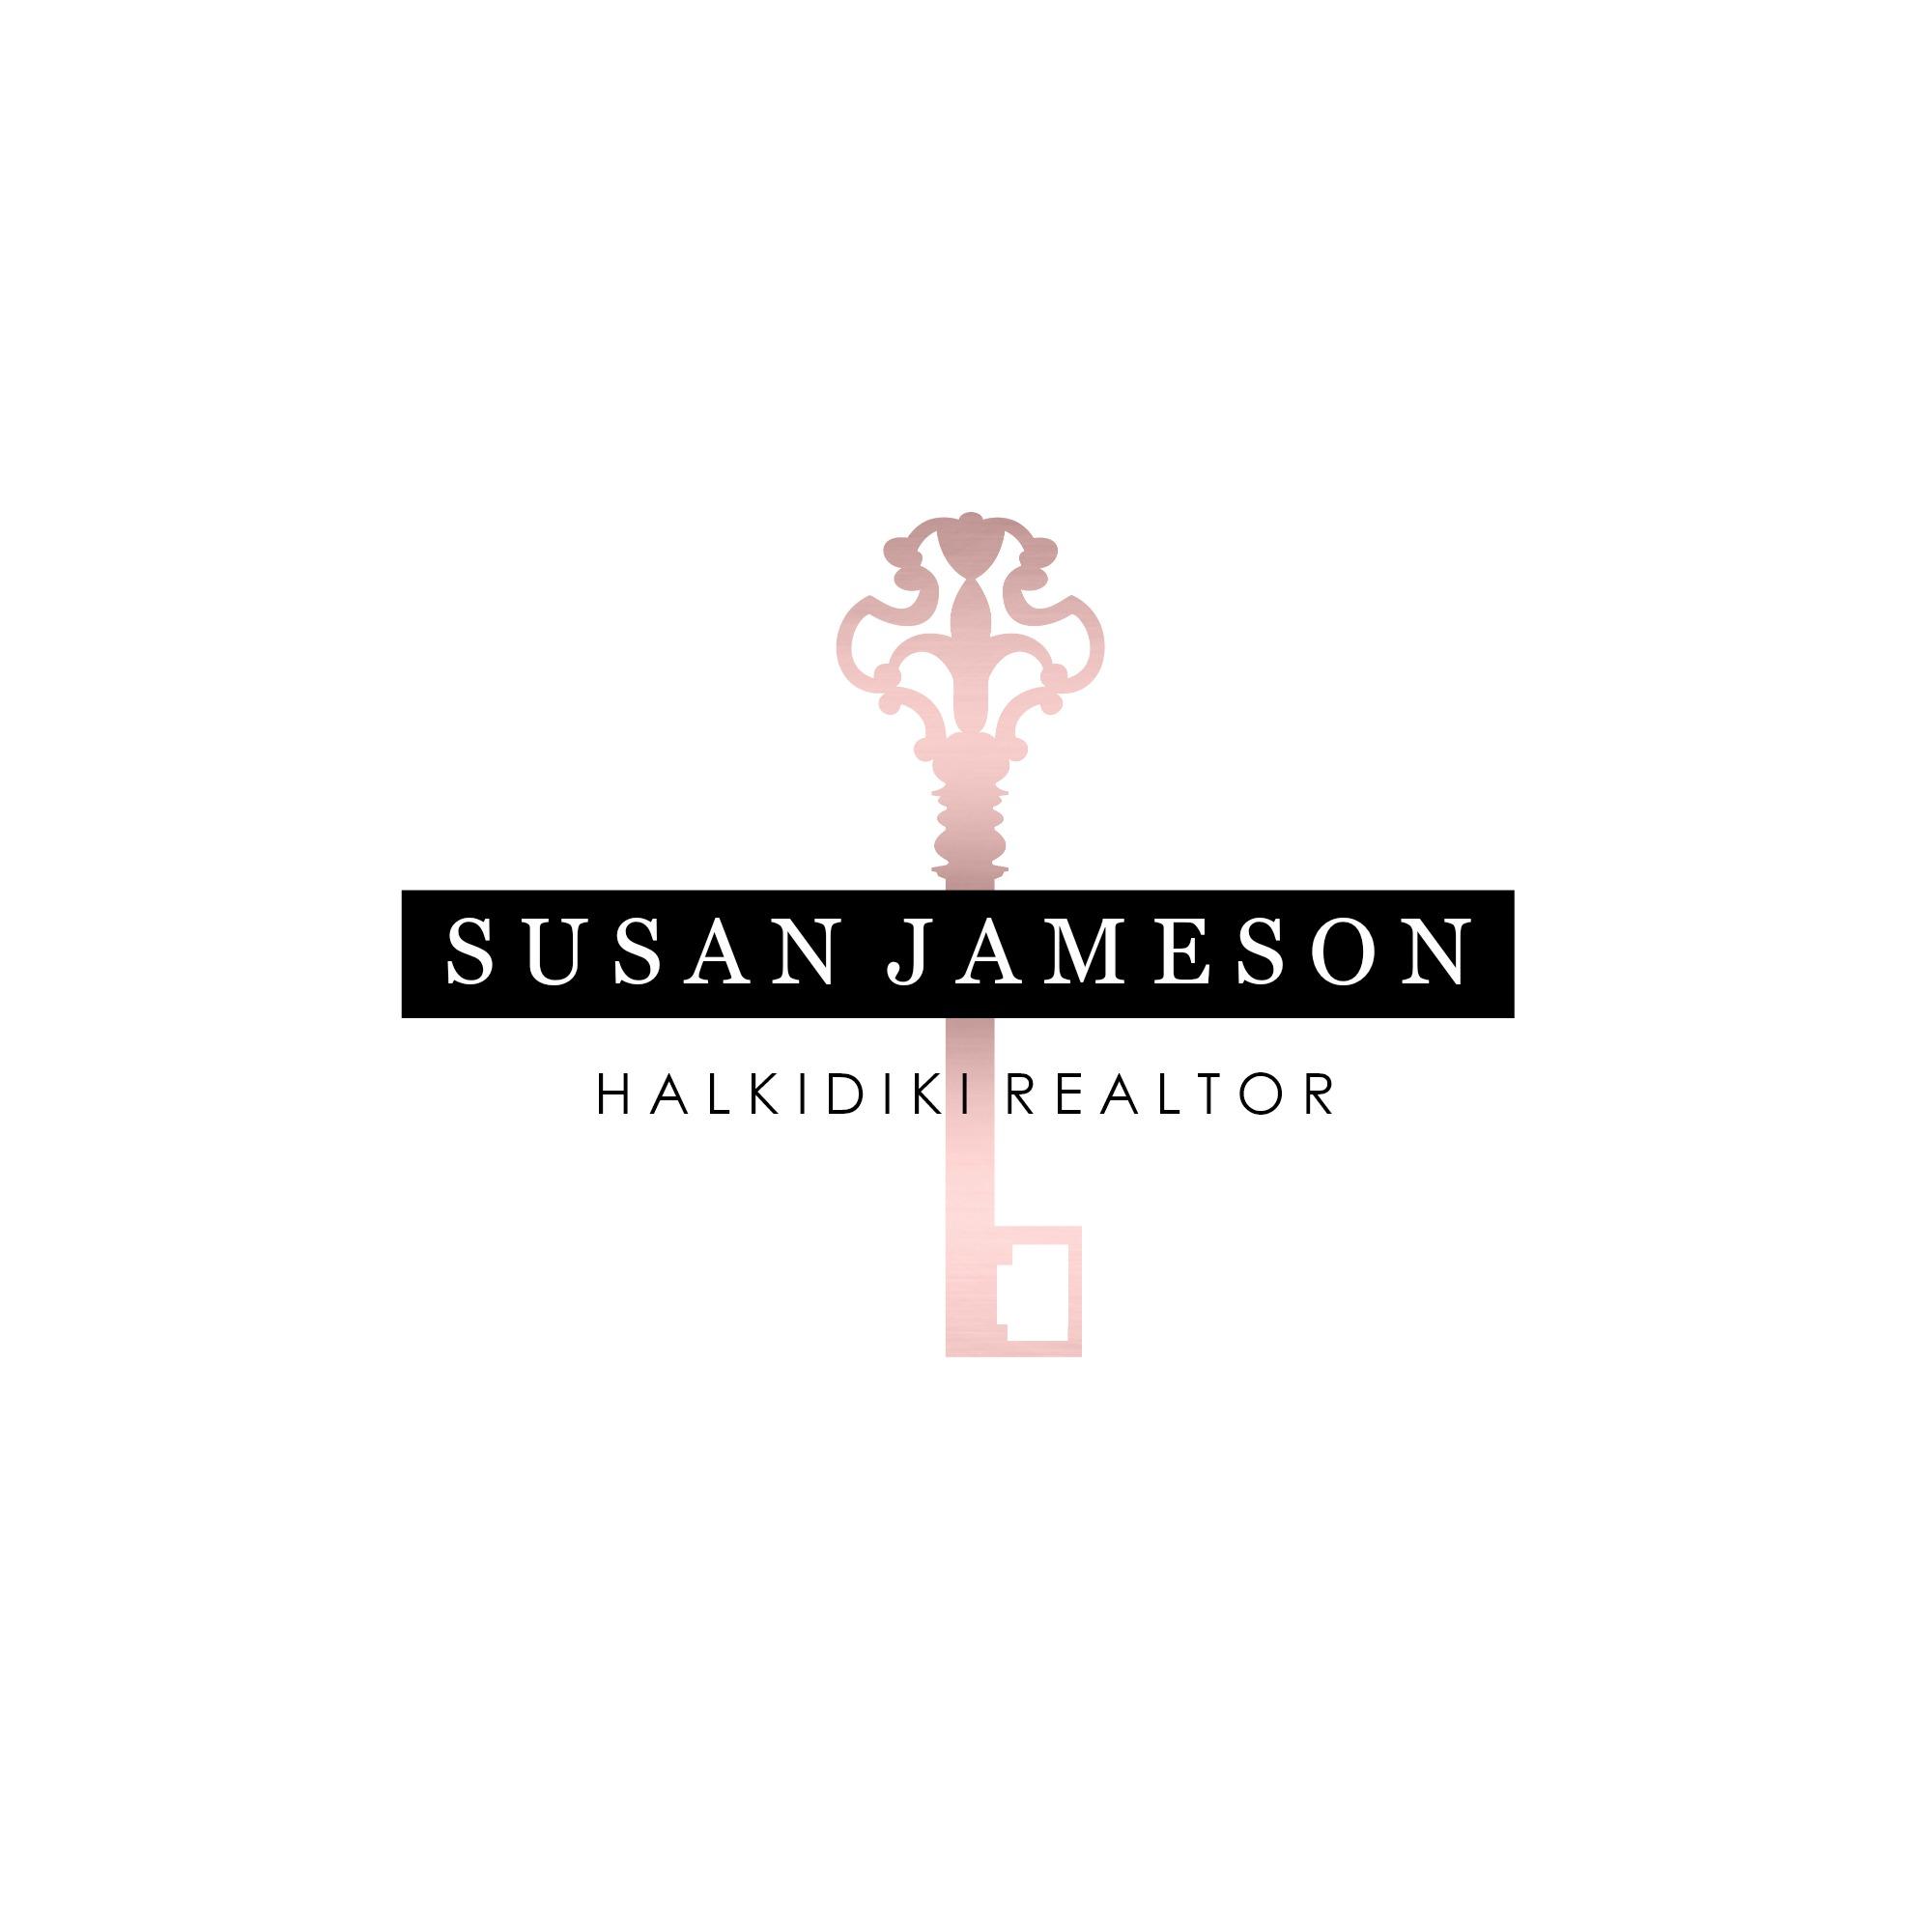 SUSAN JAMESON JPG (1).jpg